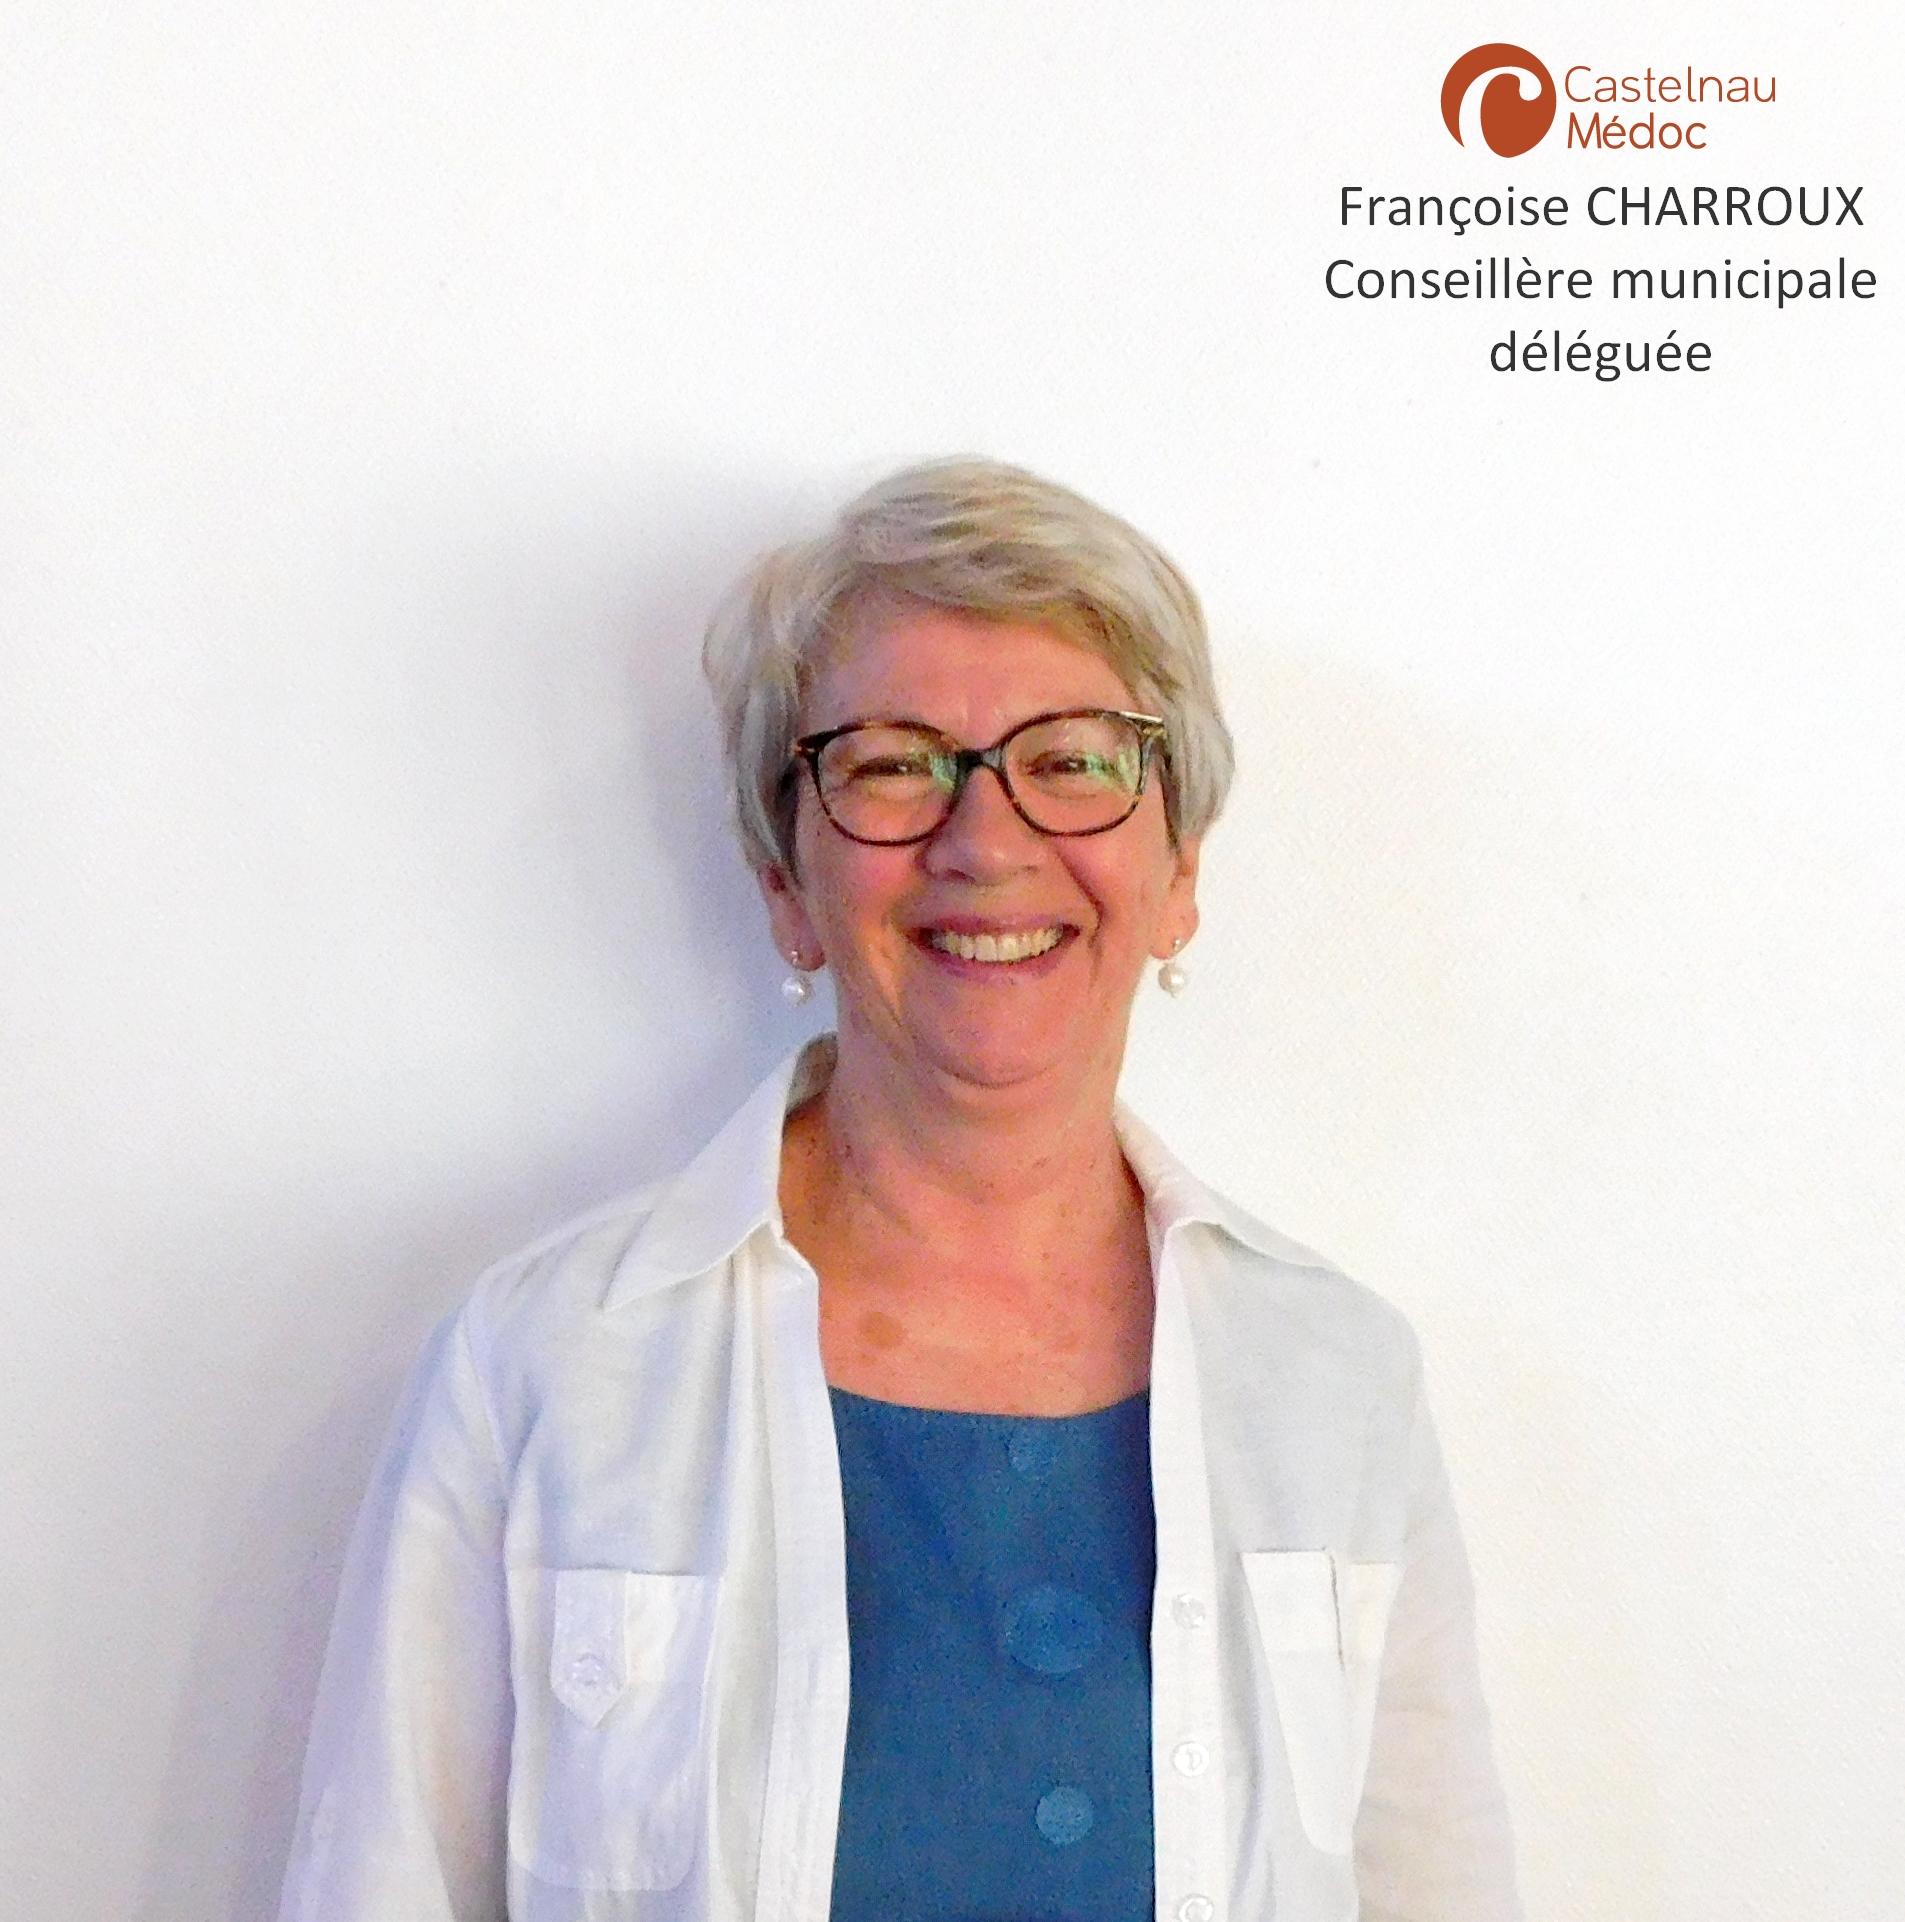 Françoise CHARROUX